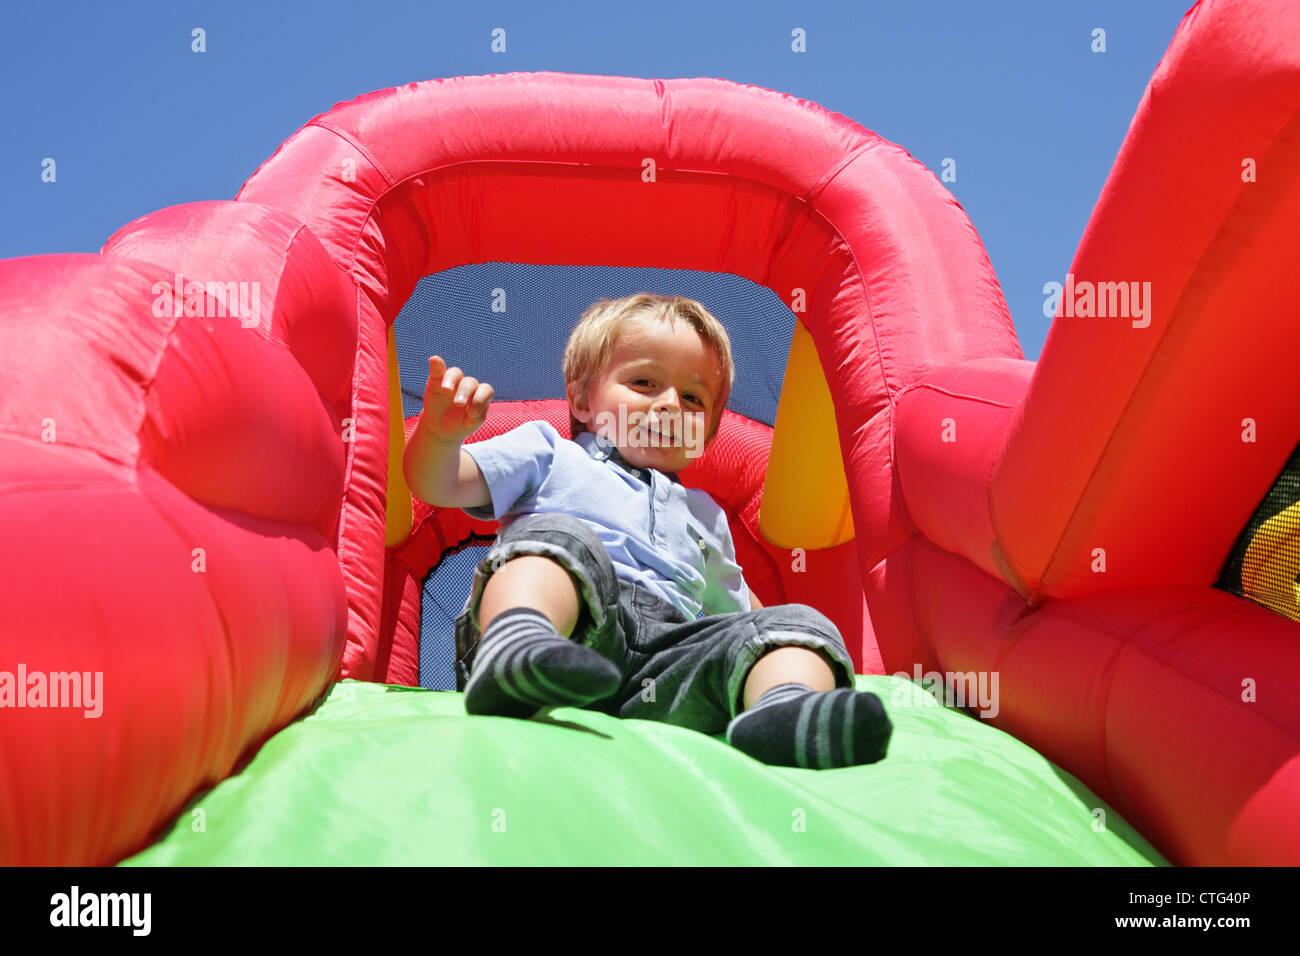 Criança na almofada insuflável castelo insuflável deslize Imagens de Stock